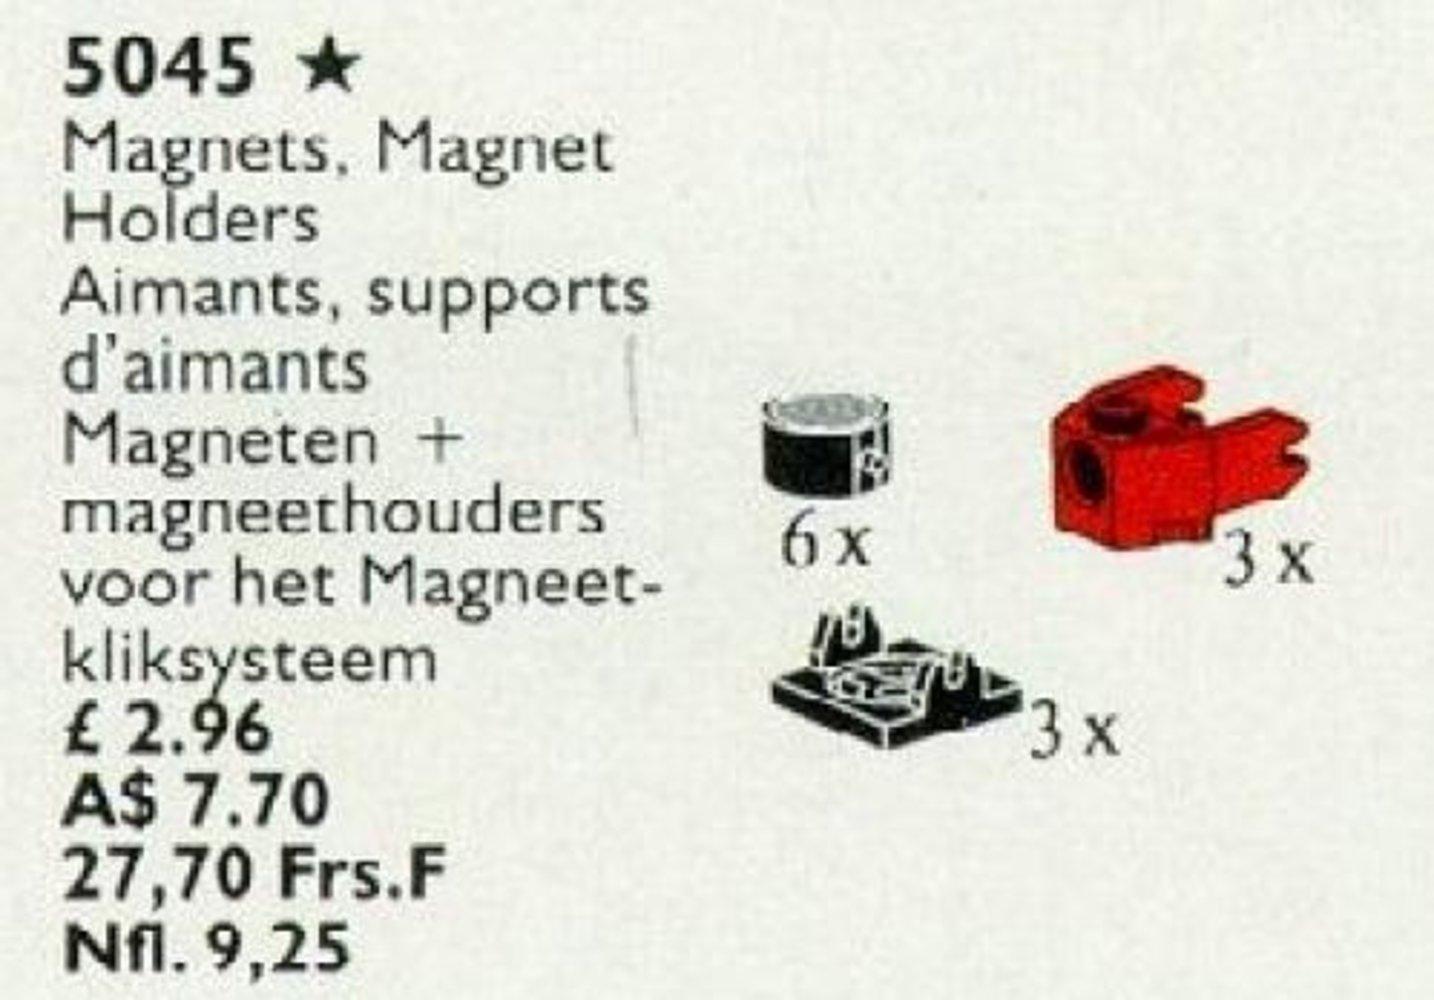 Magnets, Magnet Holders